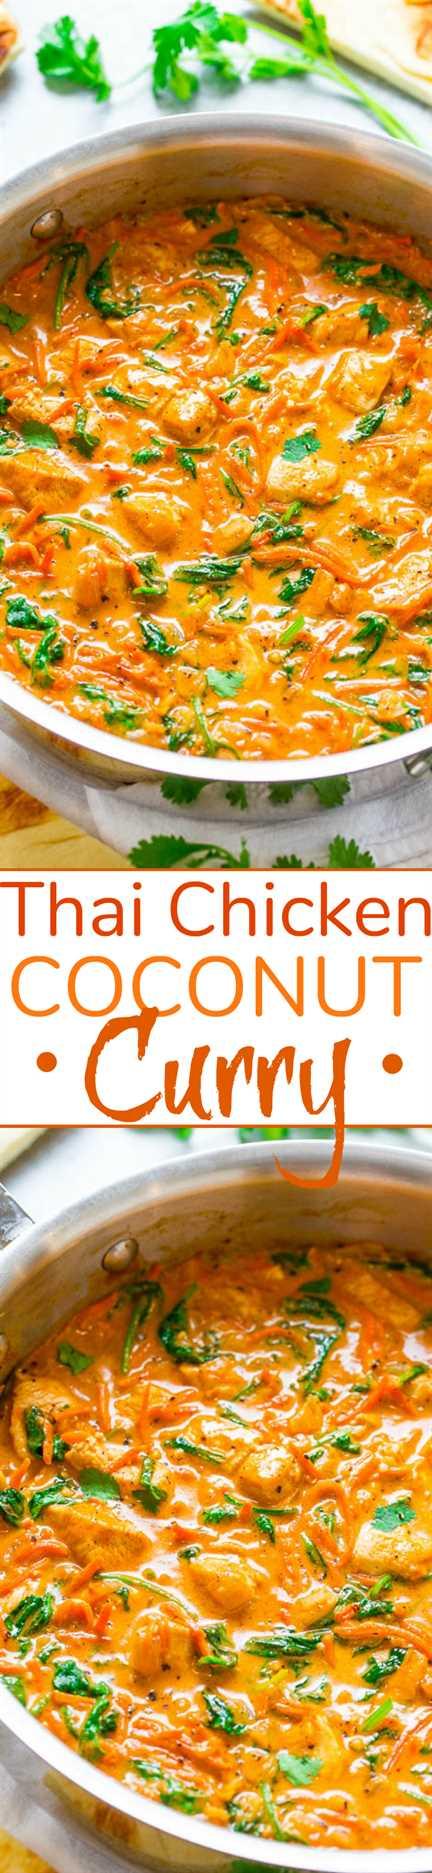 Thai Chicken Coconut Curry - ¡Un curry FÁCIL de una sartén que está listo en 20 minutos y está lleno de sabores fabulosos! ¡Bajo en calorías, bajo en carbohidratos y SALUDABLE, pero sabe a comida reconfortante!